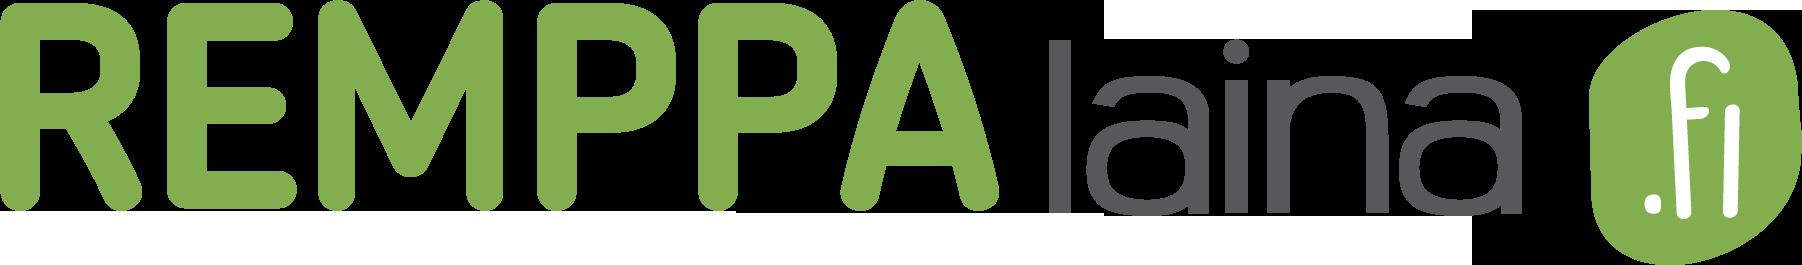 Remppalaina.fi - Lainaa netistä